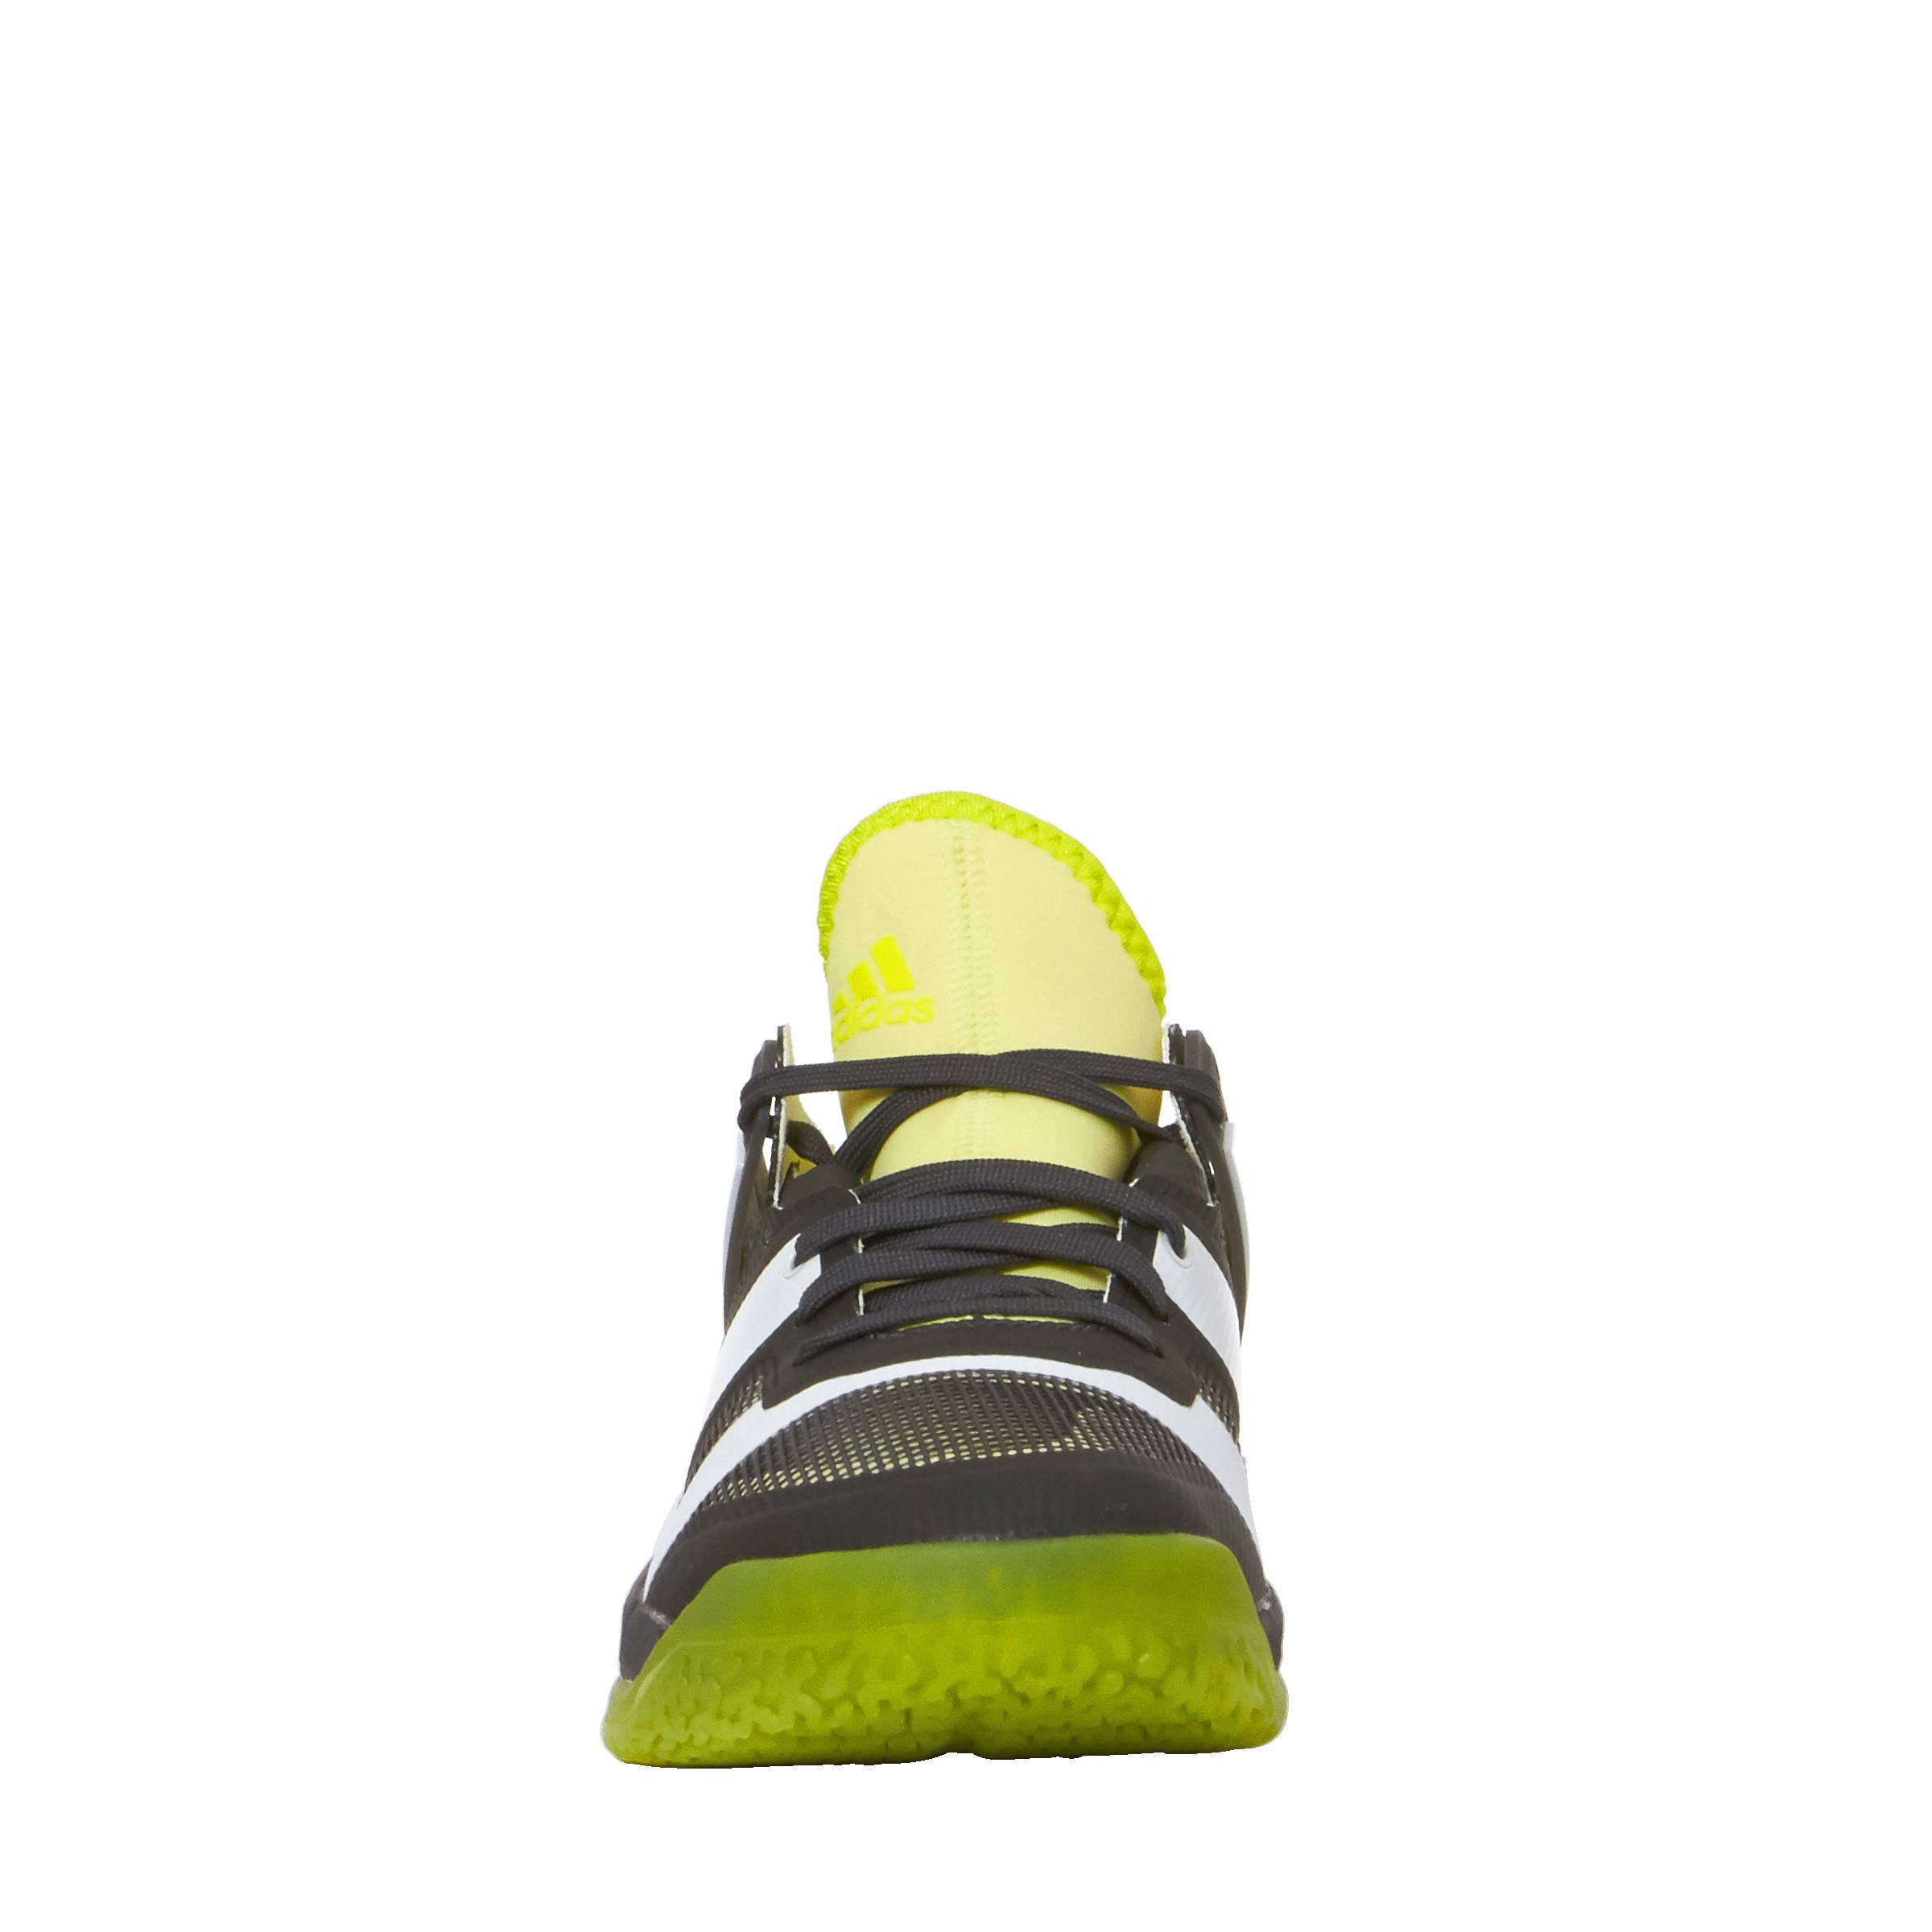 adidas Performance Stabil X indoor sportschoenen